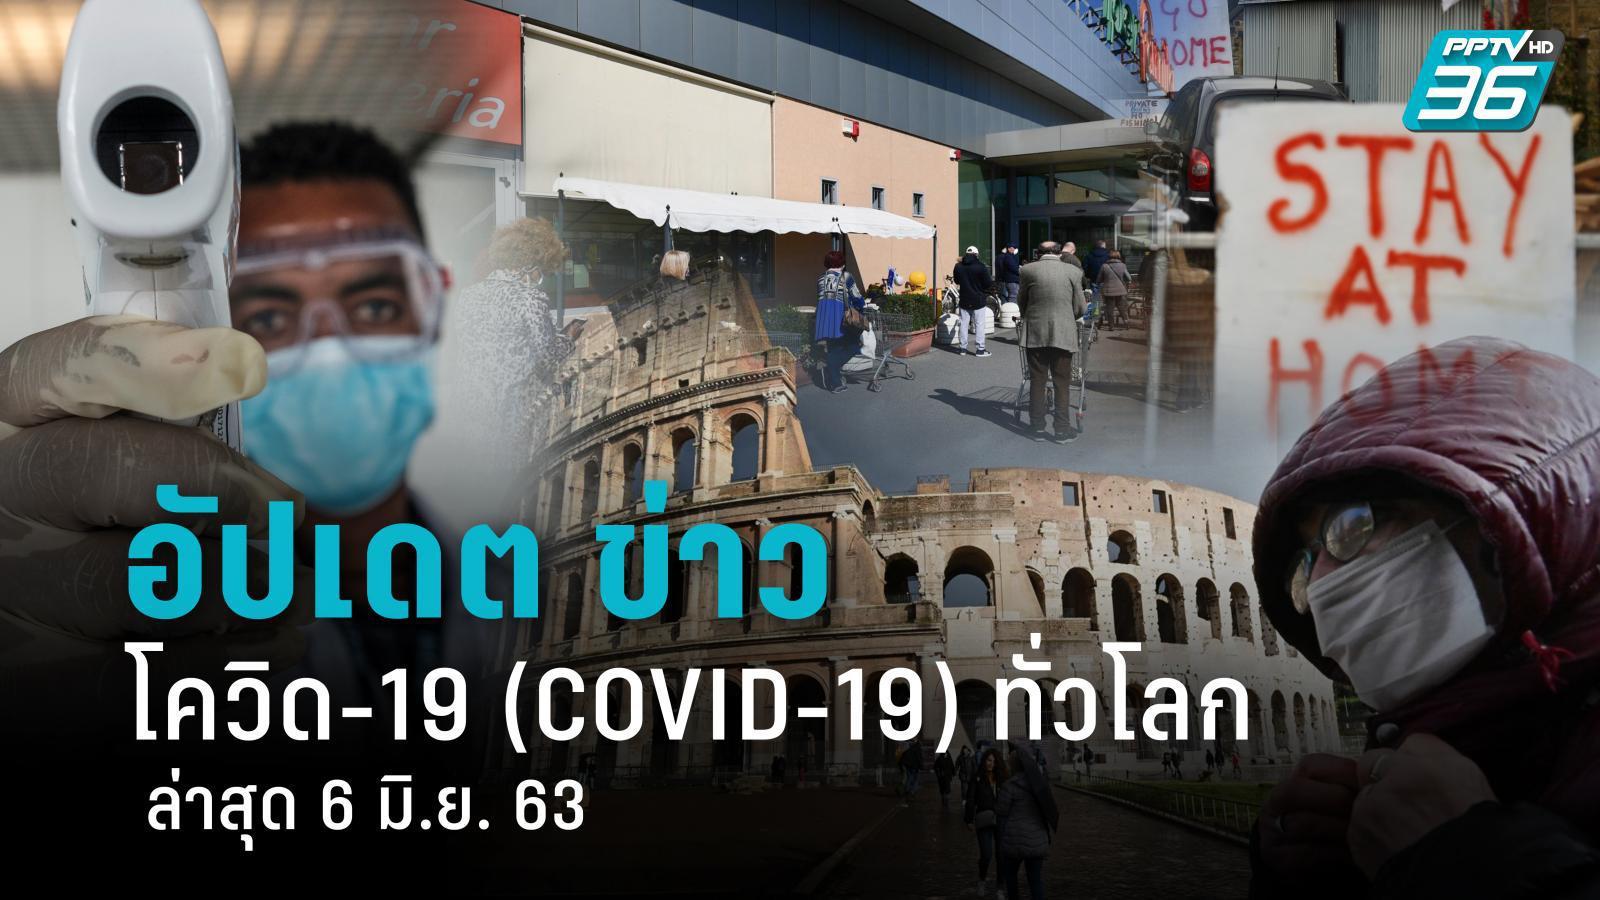 อัปเดตข่าว สถานการณ์ โควิด-19 ทั่วโลก ล่าสุด 6 มิ.ย. 63